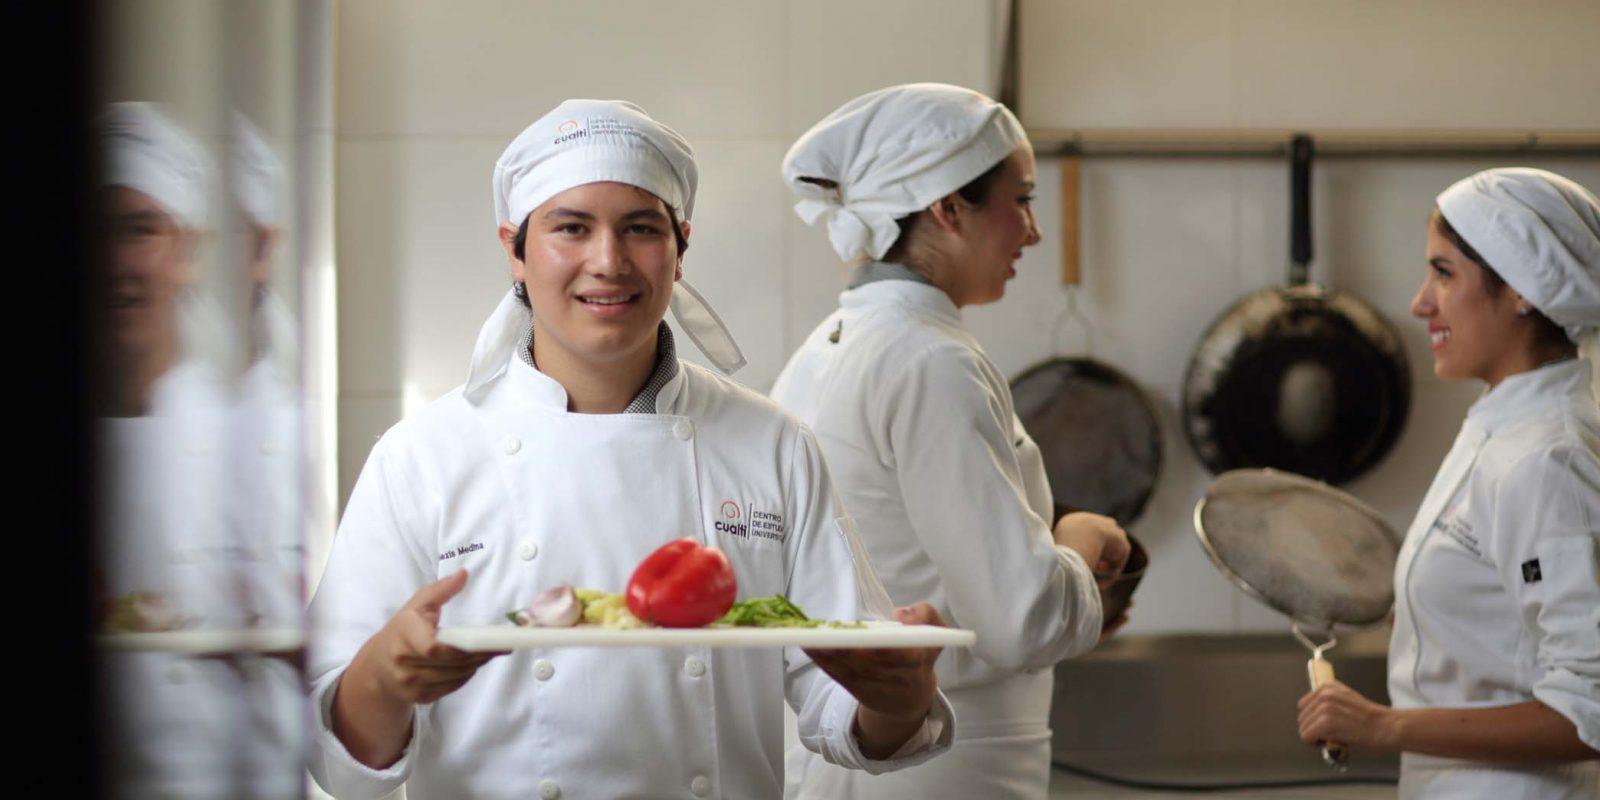 Licenciatura en Gastronomía – ¡Iniciamos en Agosto 2020!